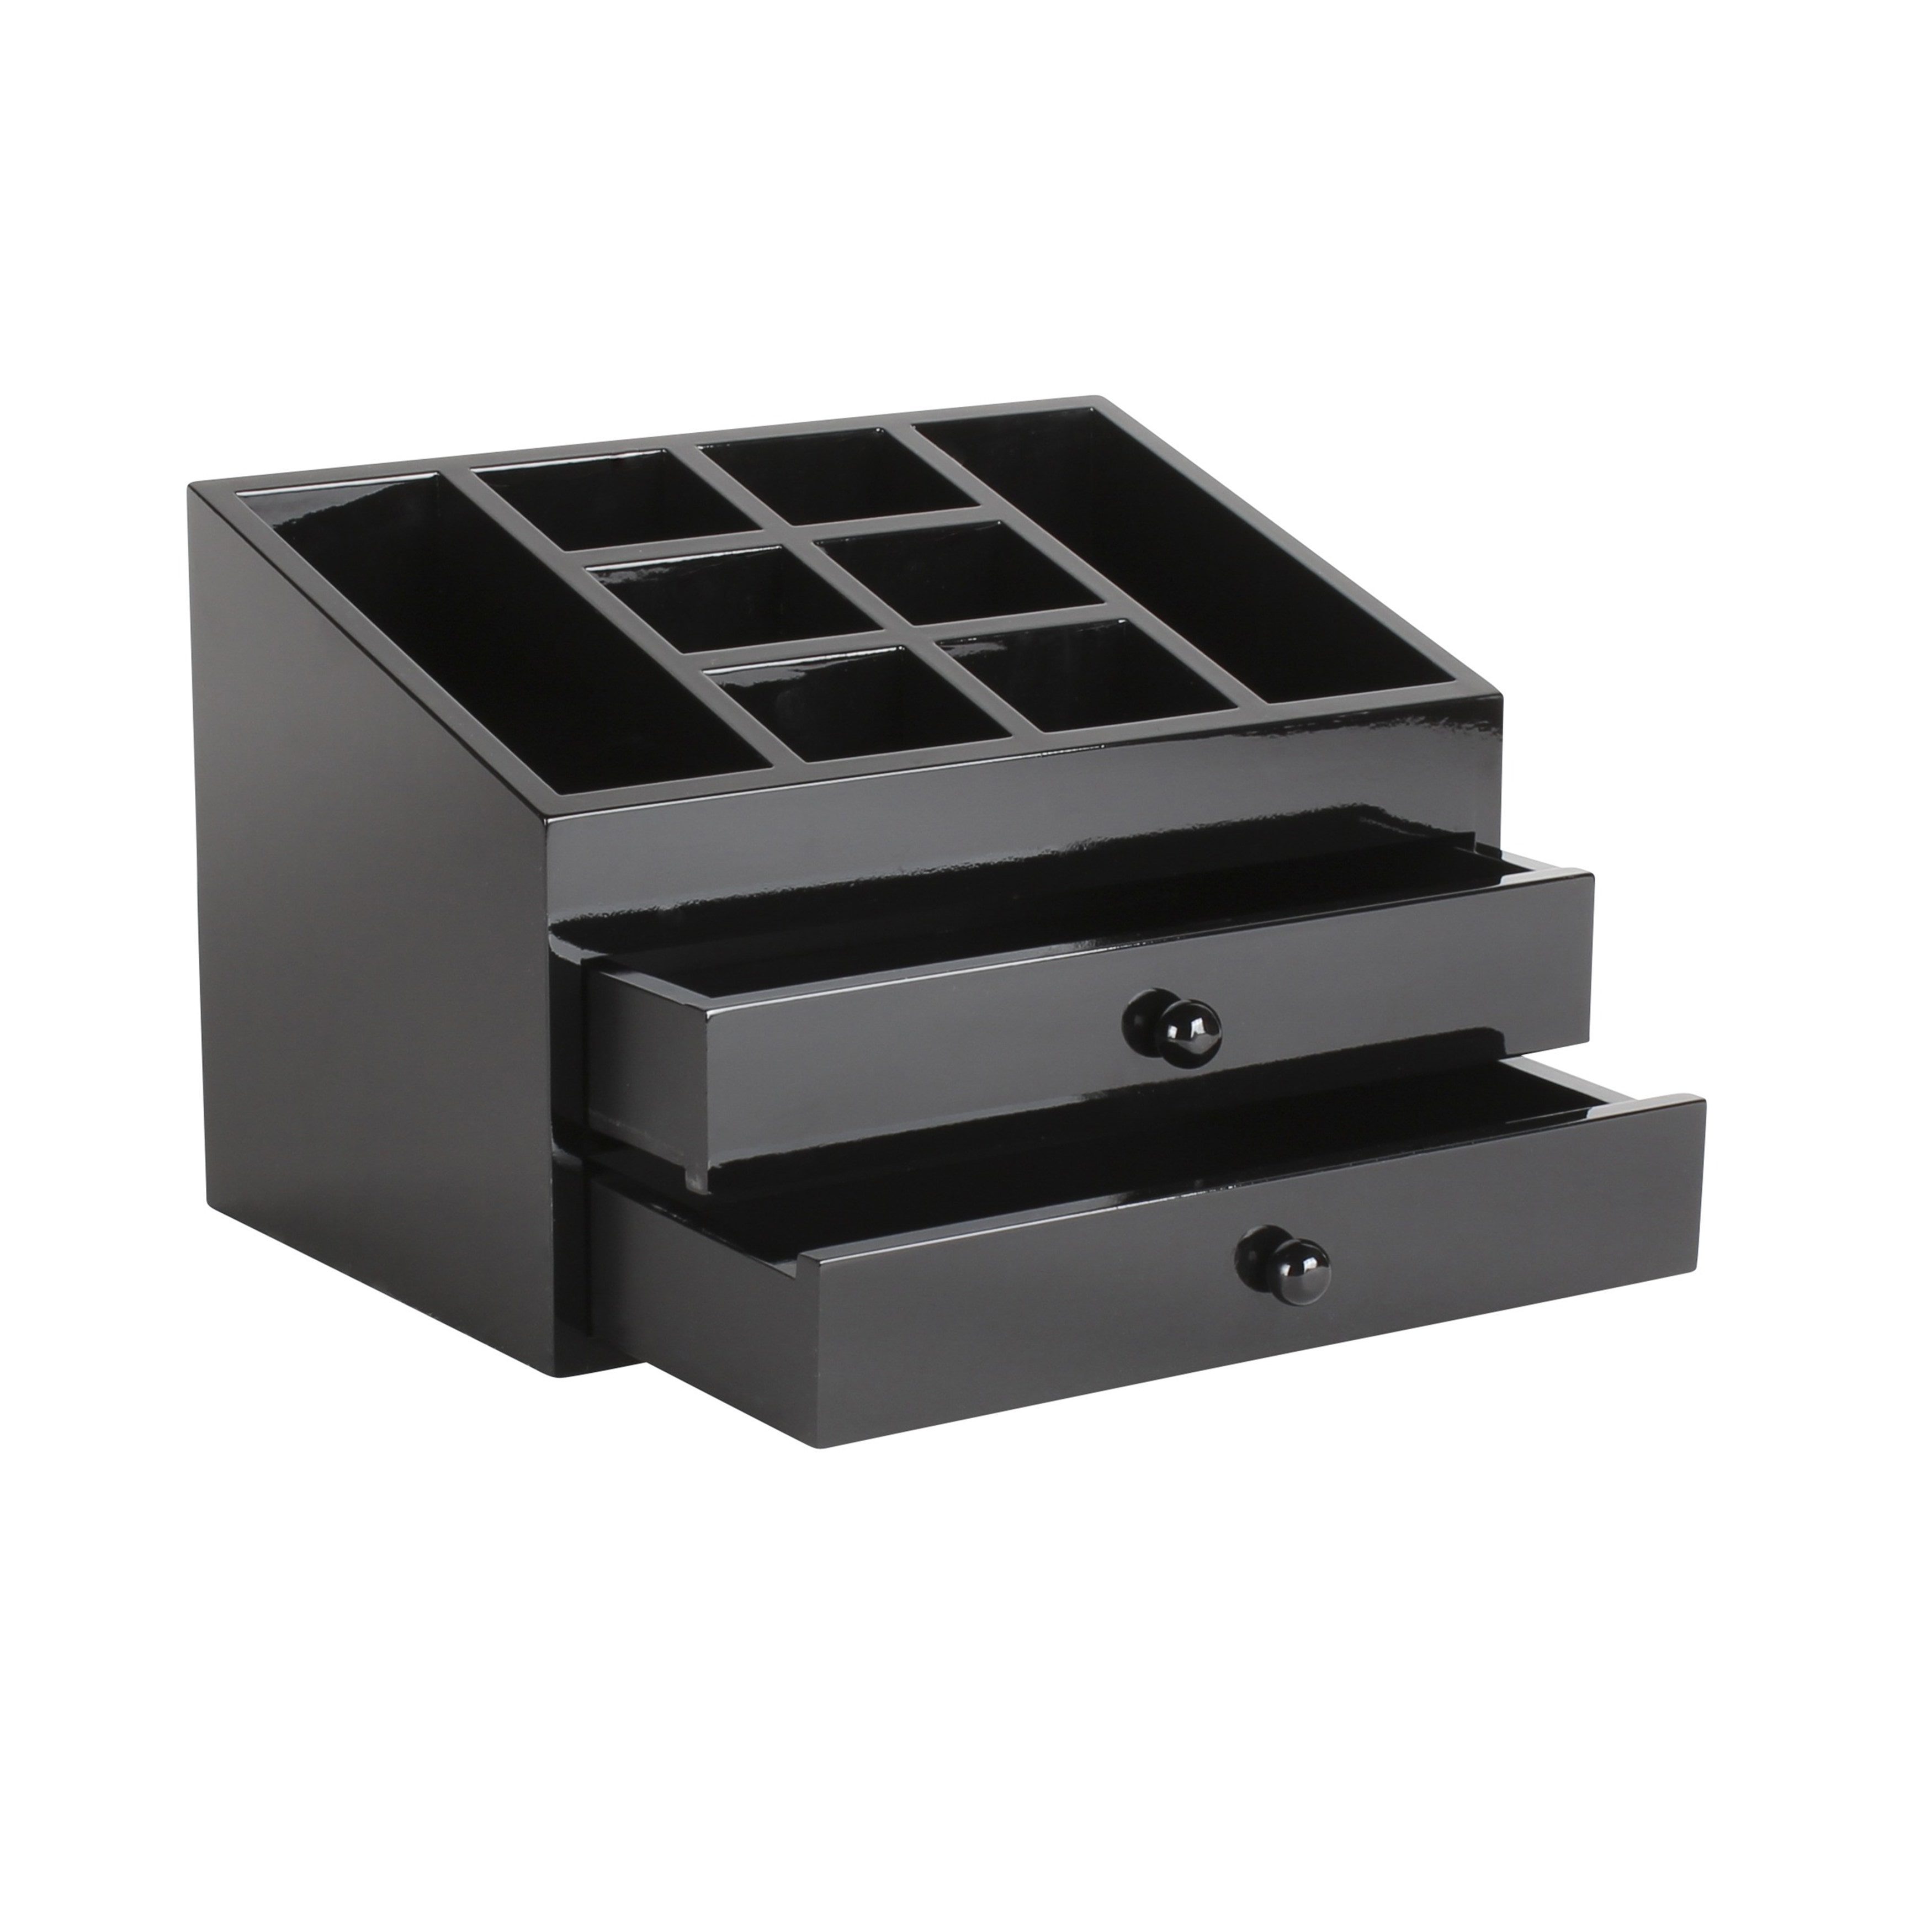 Vanity Organizer / Black Dori Jewelry and Cosmetic Organizer Box with 2 Drawers 0